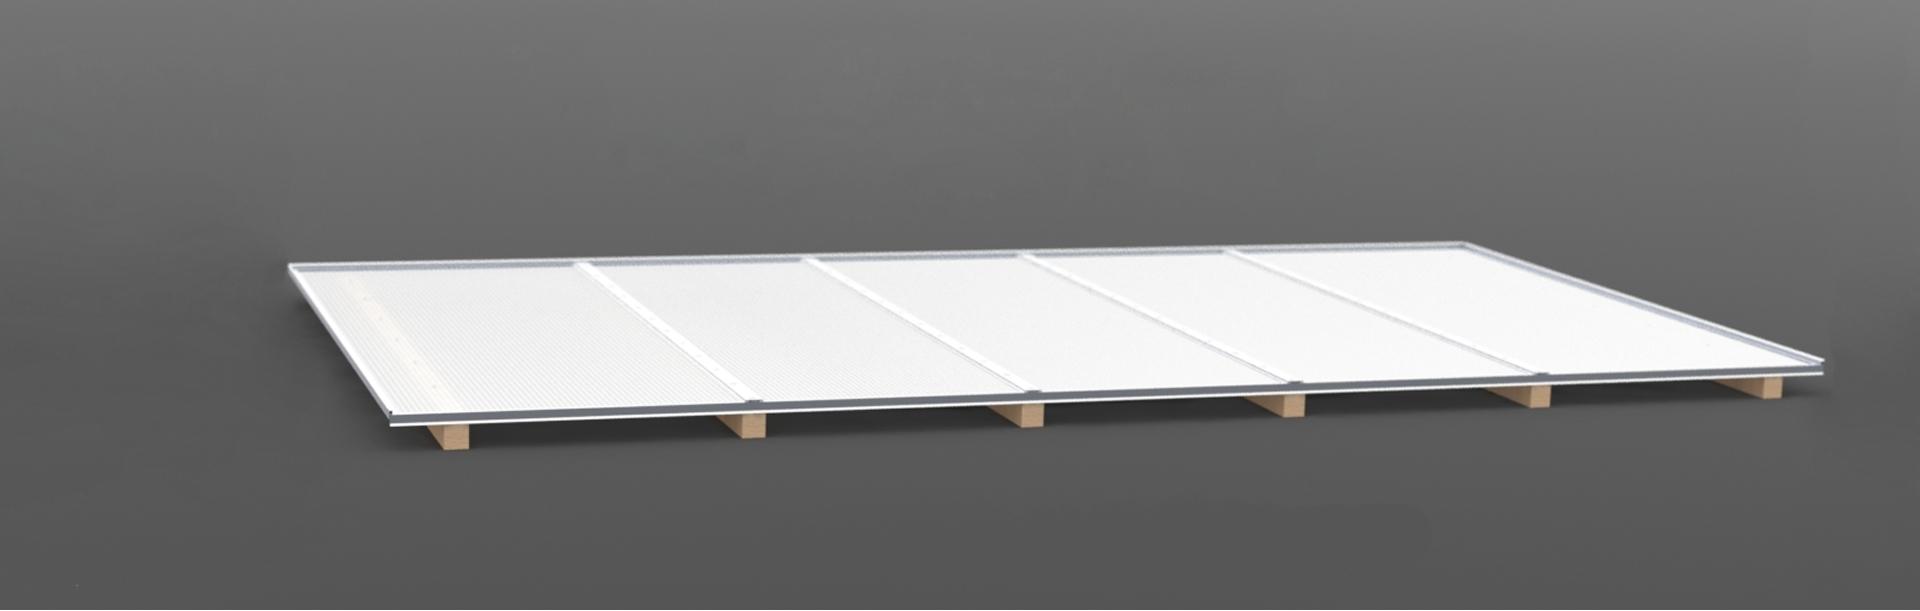 Dachhaut Stegplatten 5400 mm Breite aus 16 mm Fachwerk Stegplatte als komplett Set